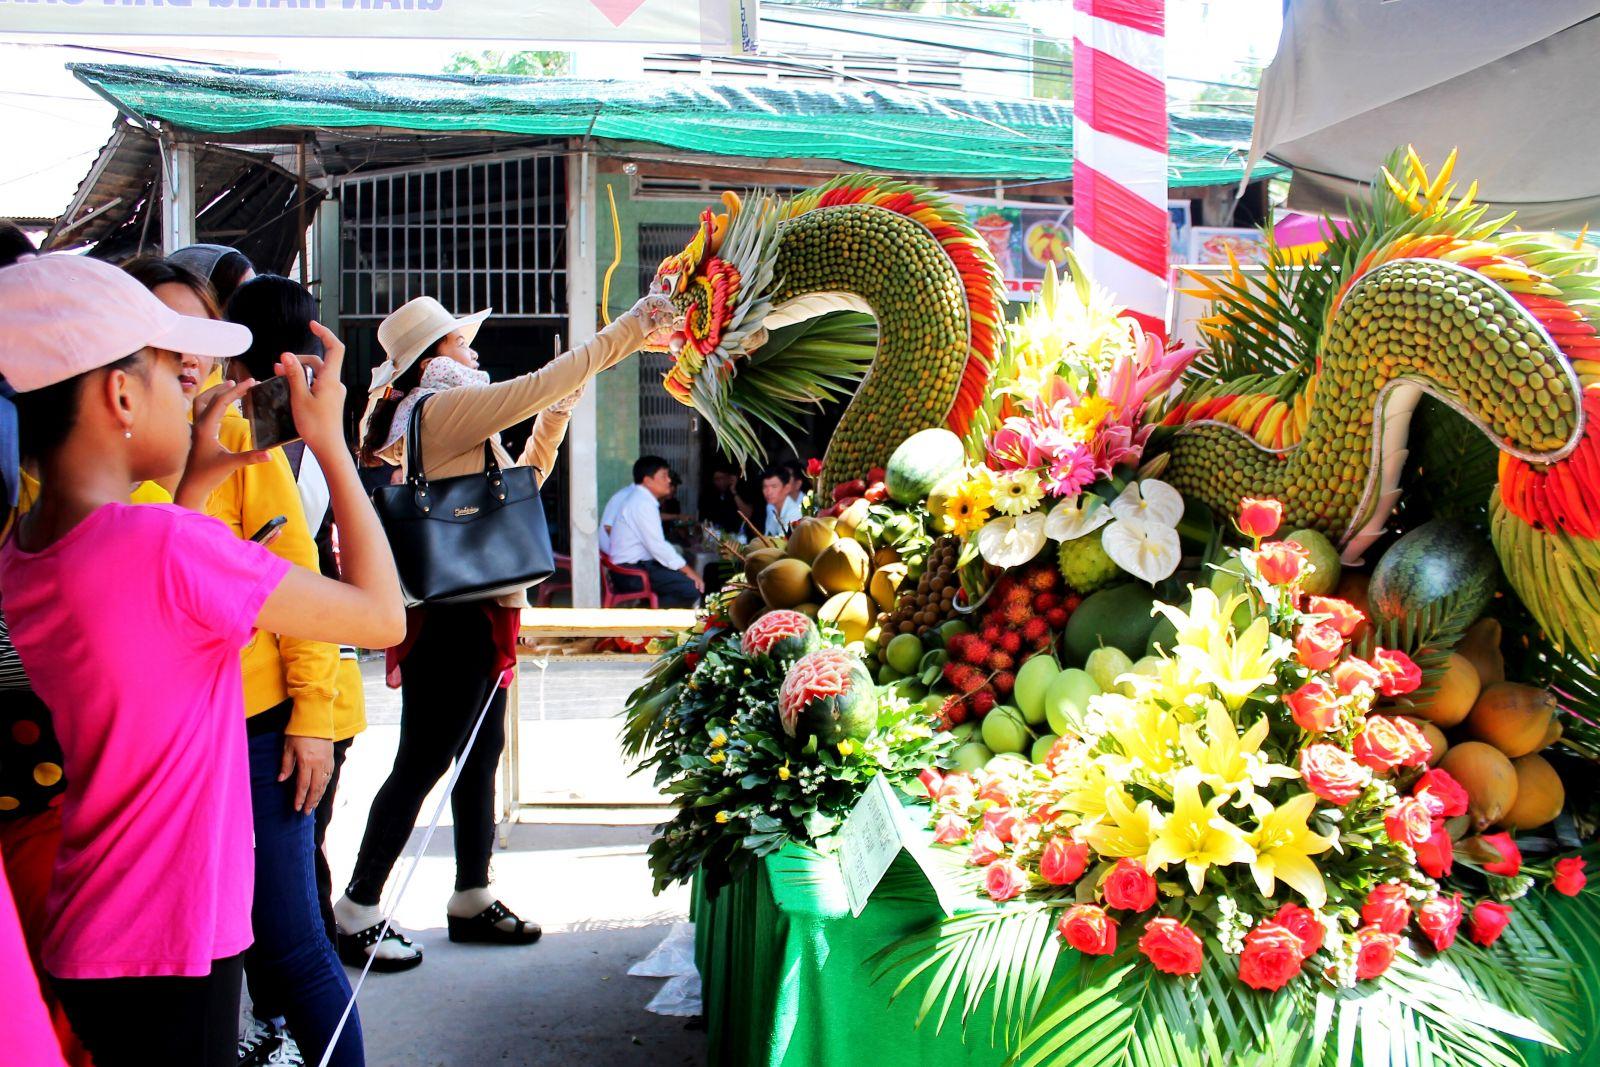 """Hội thi """"Trang trí, tạo hình trái cây nghệ thuật"""" - điểm nhấn của lễ hội - thu hút đông đảo khách tham quan thưởng lãm."""